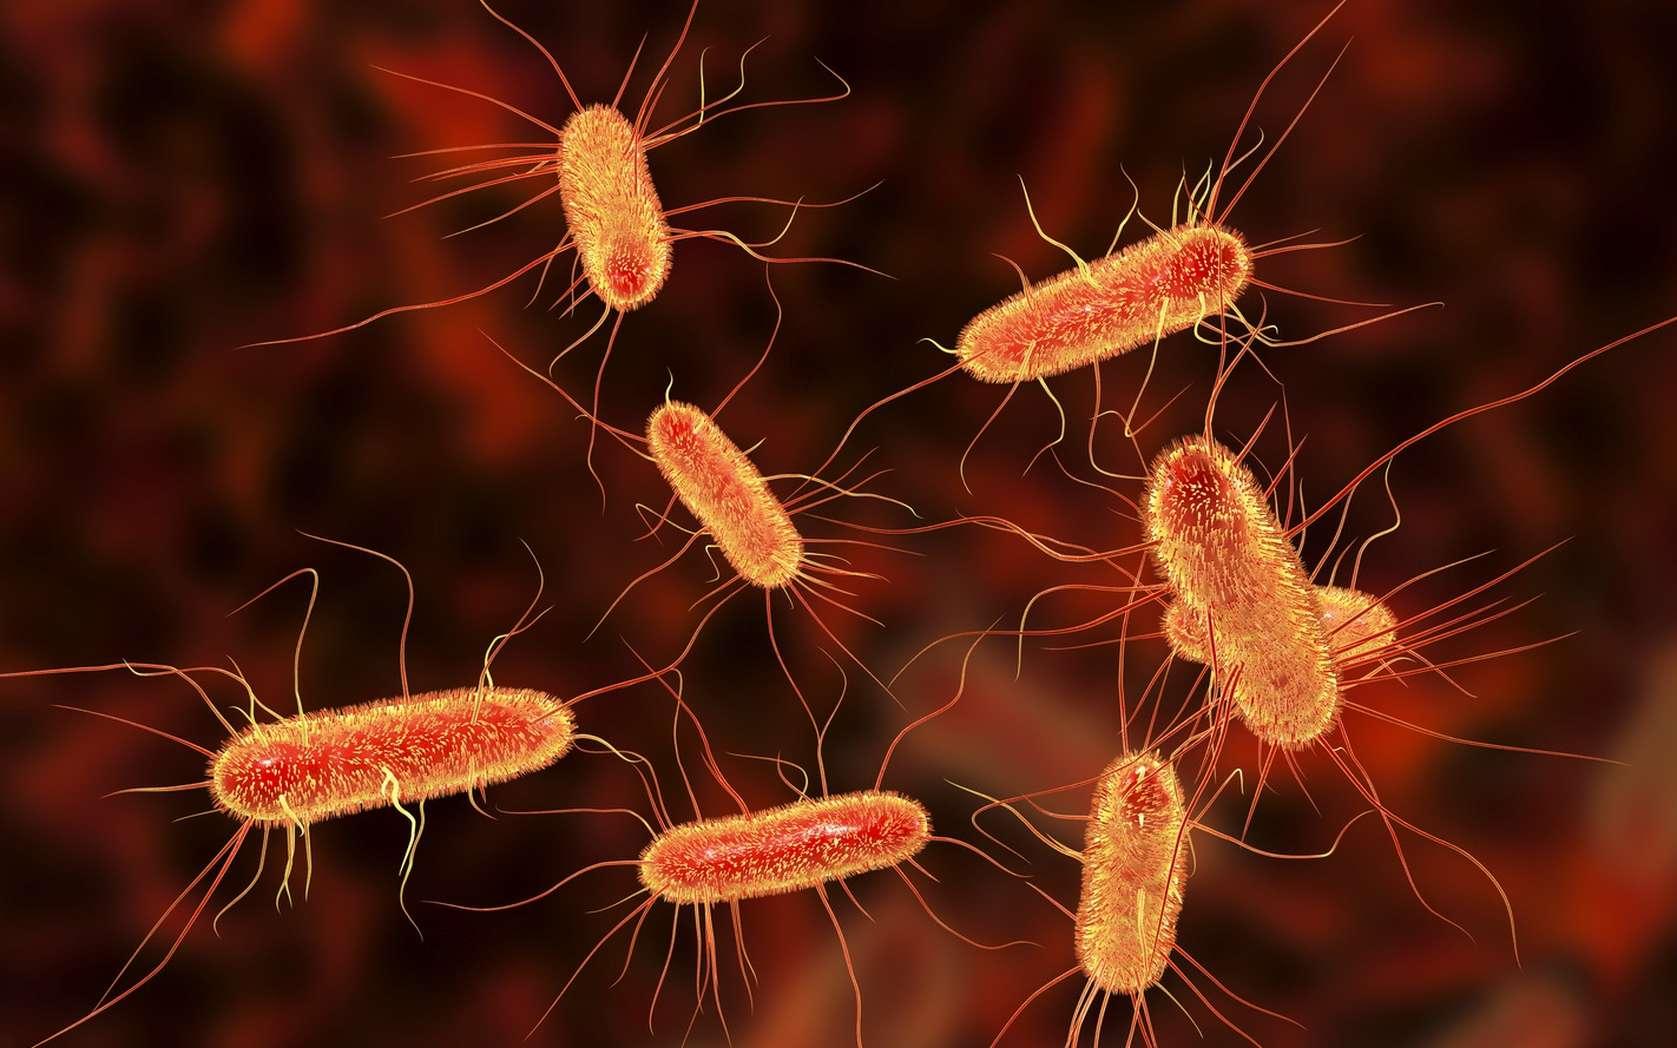 La bactérie modèle Escherichia coli ou colibacille fait partie de la famille des entérobactéries. © Kateryna_Kon, fotolia